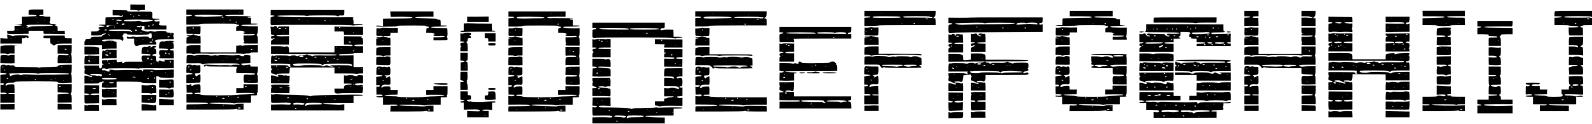 VHS Glitch 1